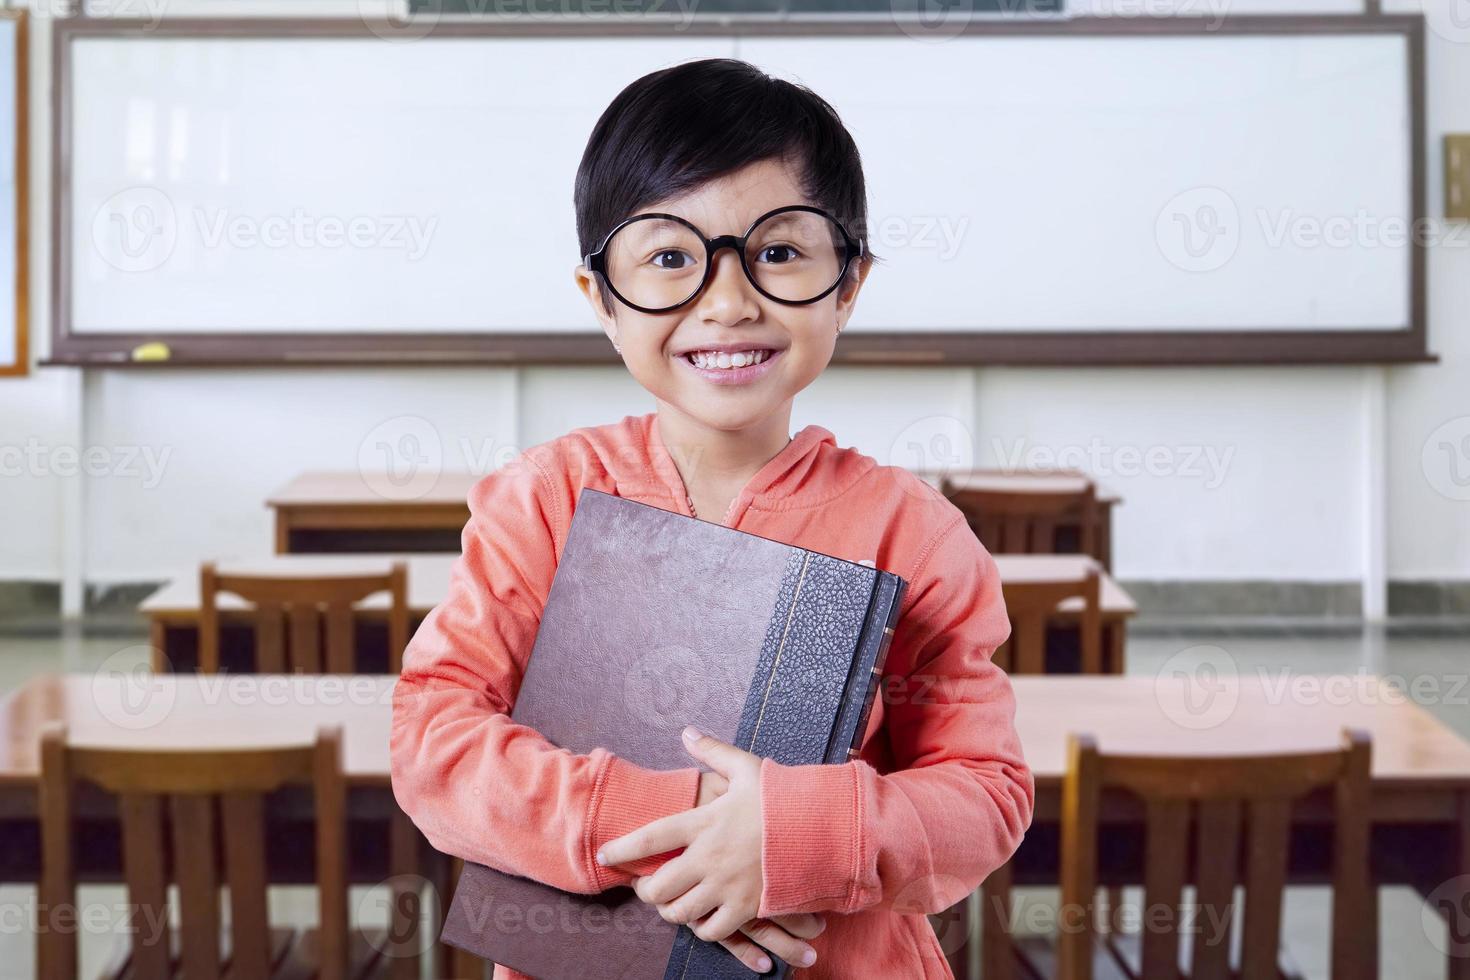 klein schoolmeisje met een boek in de klas foto